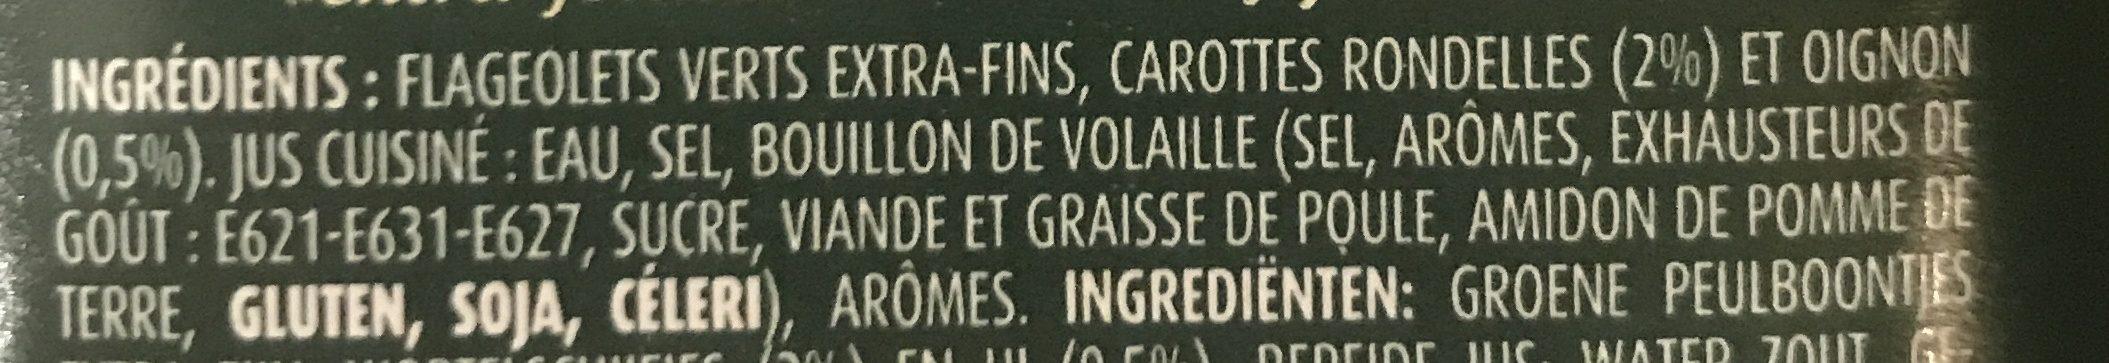 Flageolets Cuisinés Sélection il y a 3 additifs douteux - Ingrediënten - fr